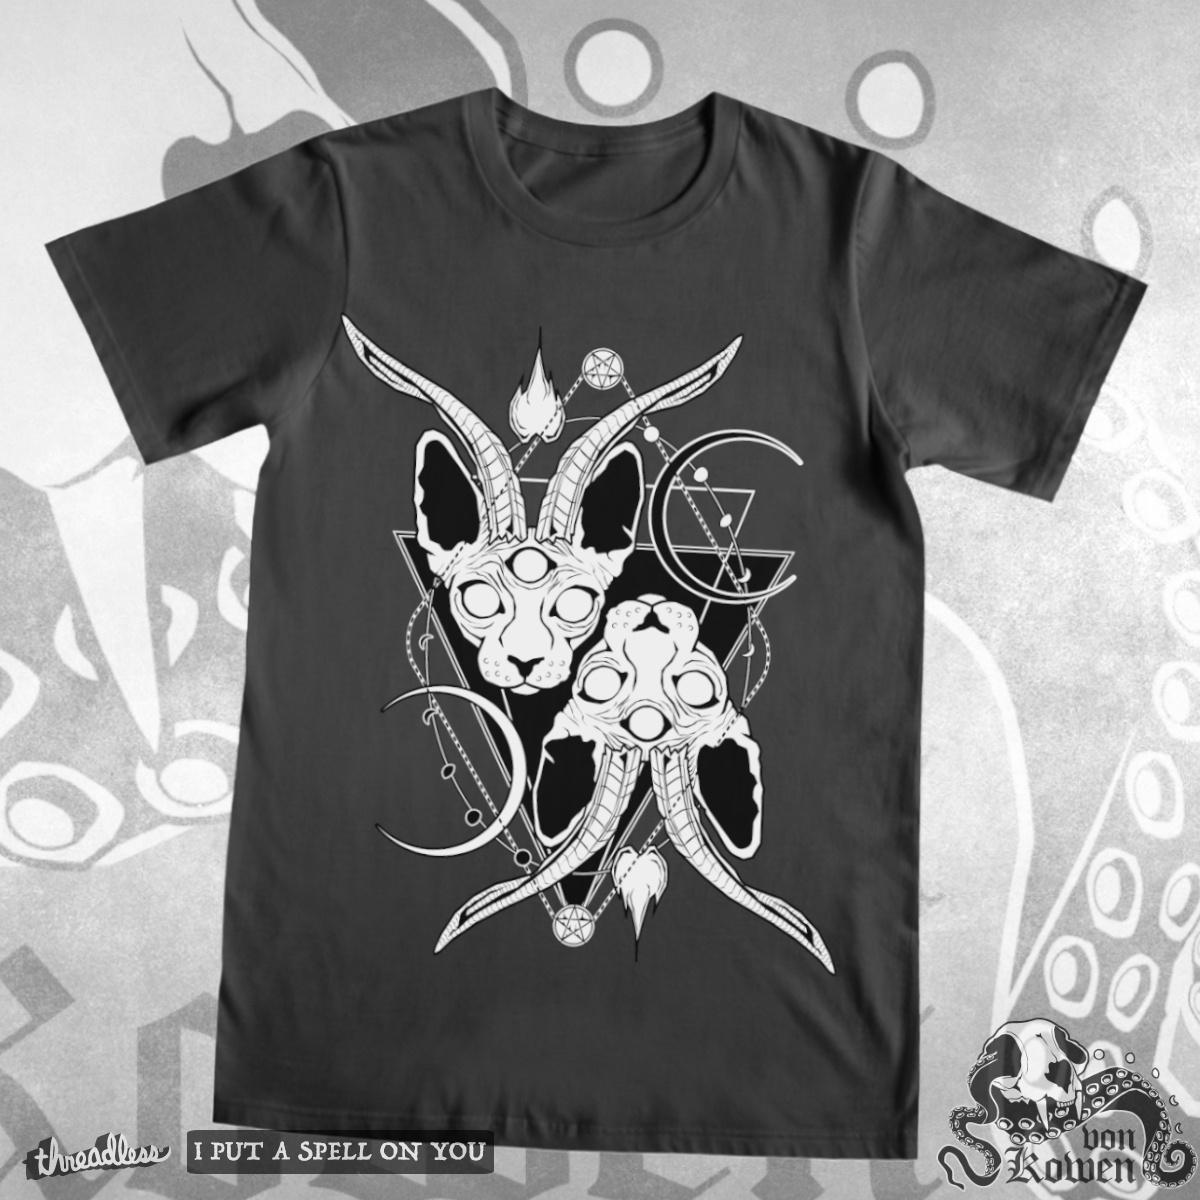 Baphocats, a cool t-shirt design